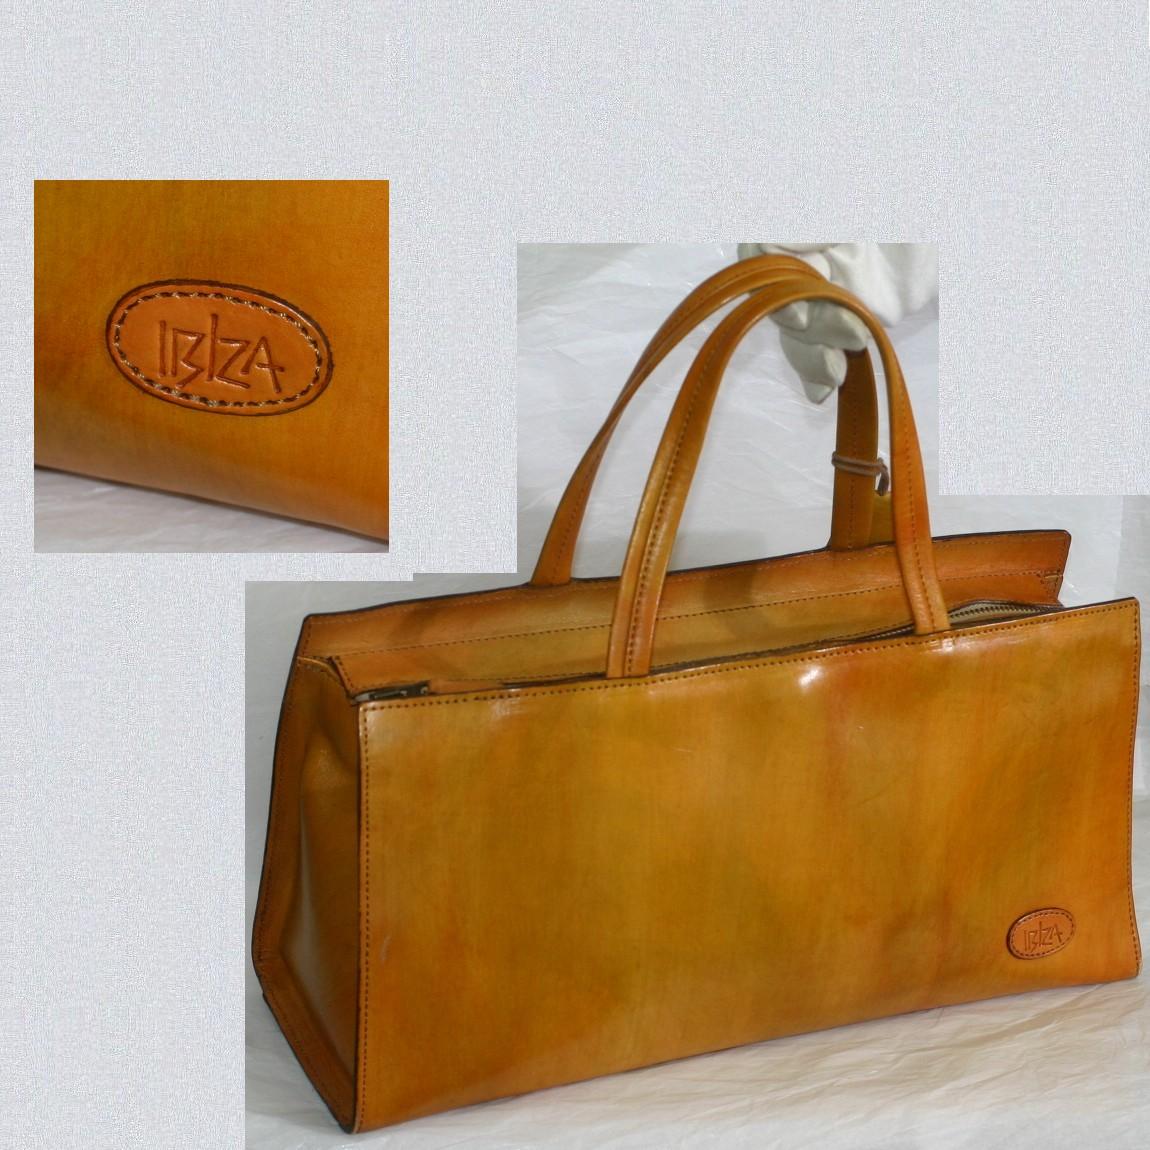 【中古】本物可イビザ女性用横長黄色系のハンドバッグ サイズW36,5H17,5D12,5cm